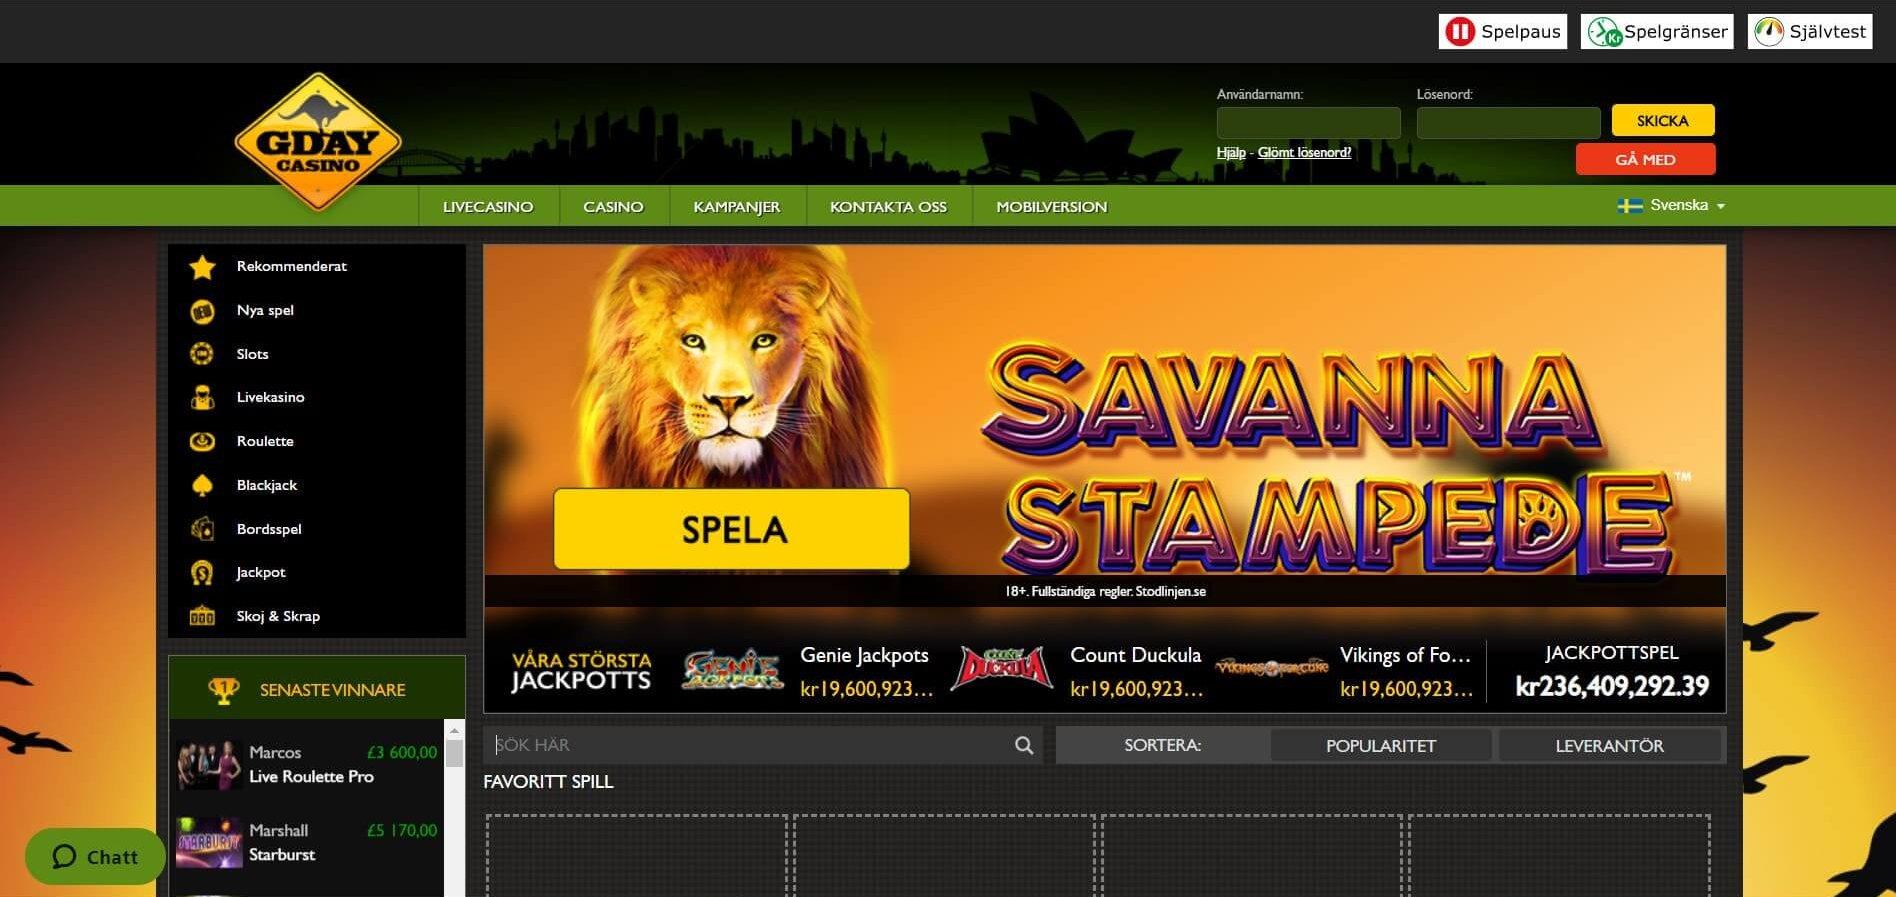 GDay Casino har en speciell layout